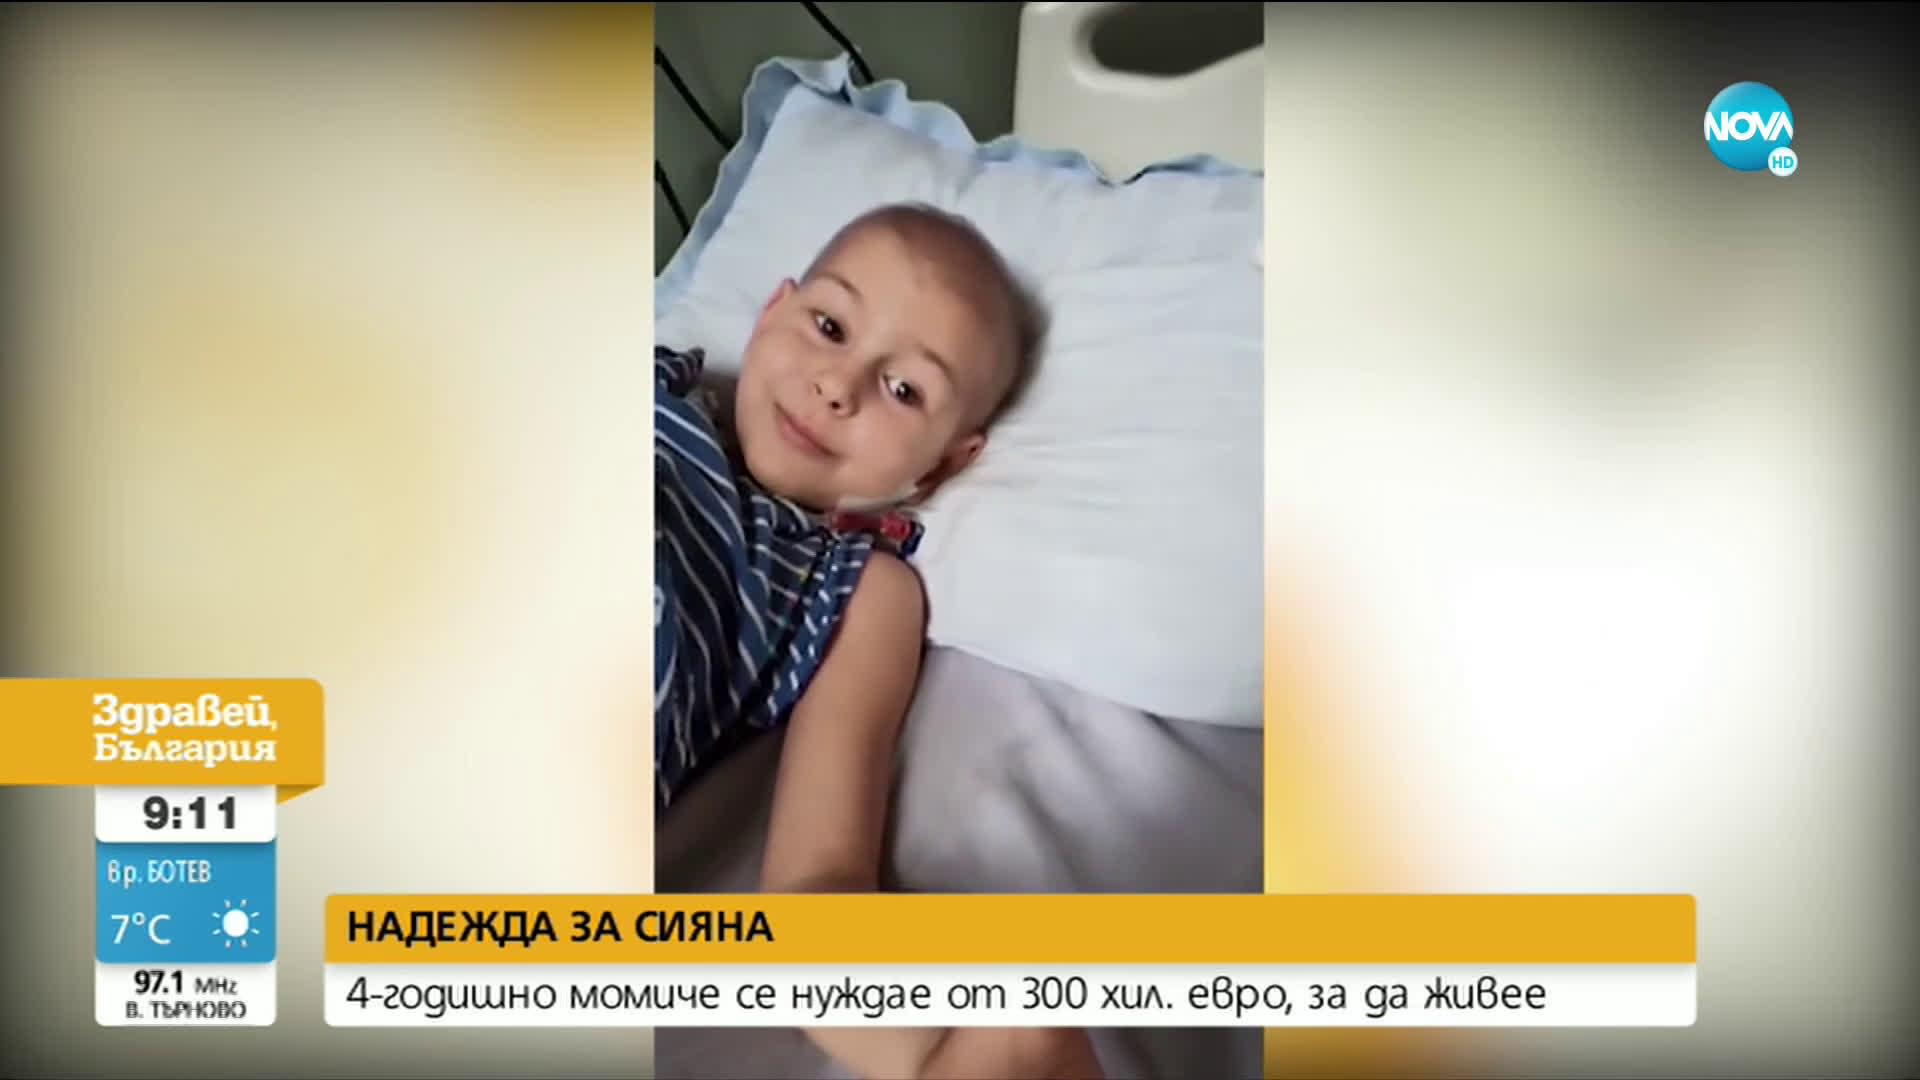 4-годишно момиче се нуждае от 300 хил. евро, за да живее - България |  Vesti.bg